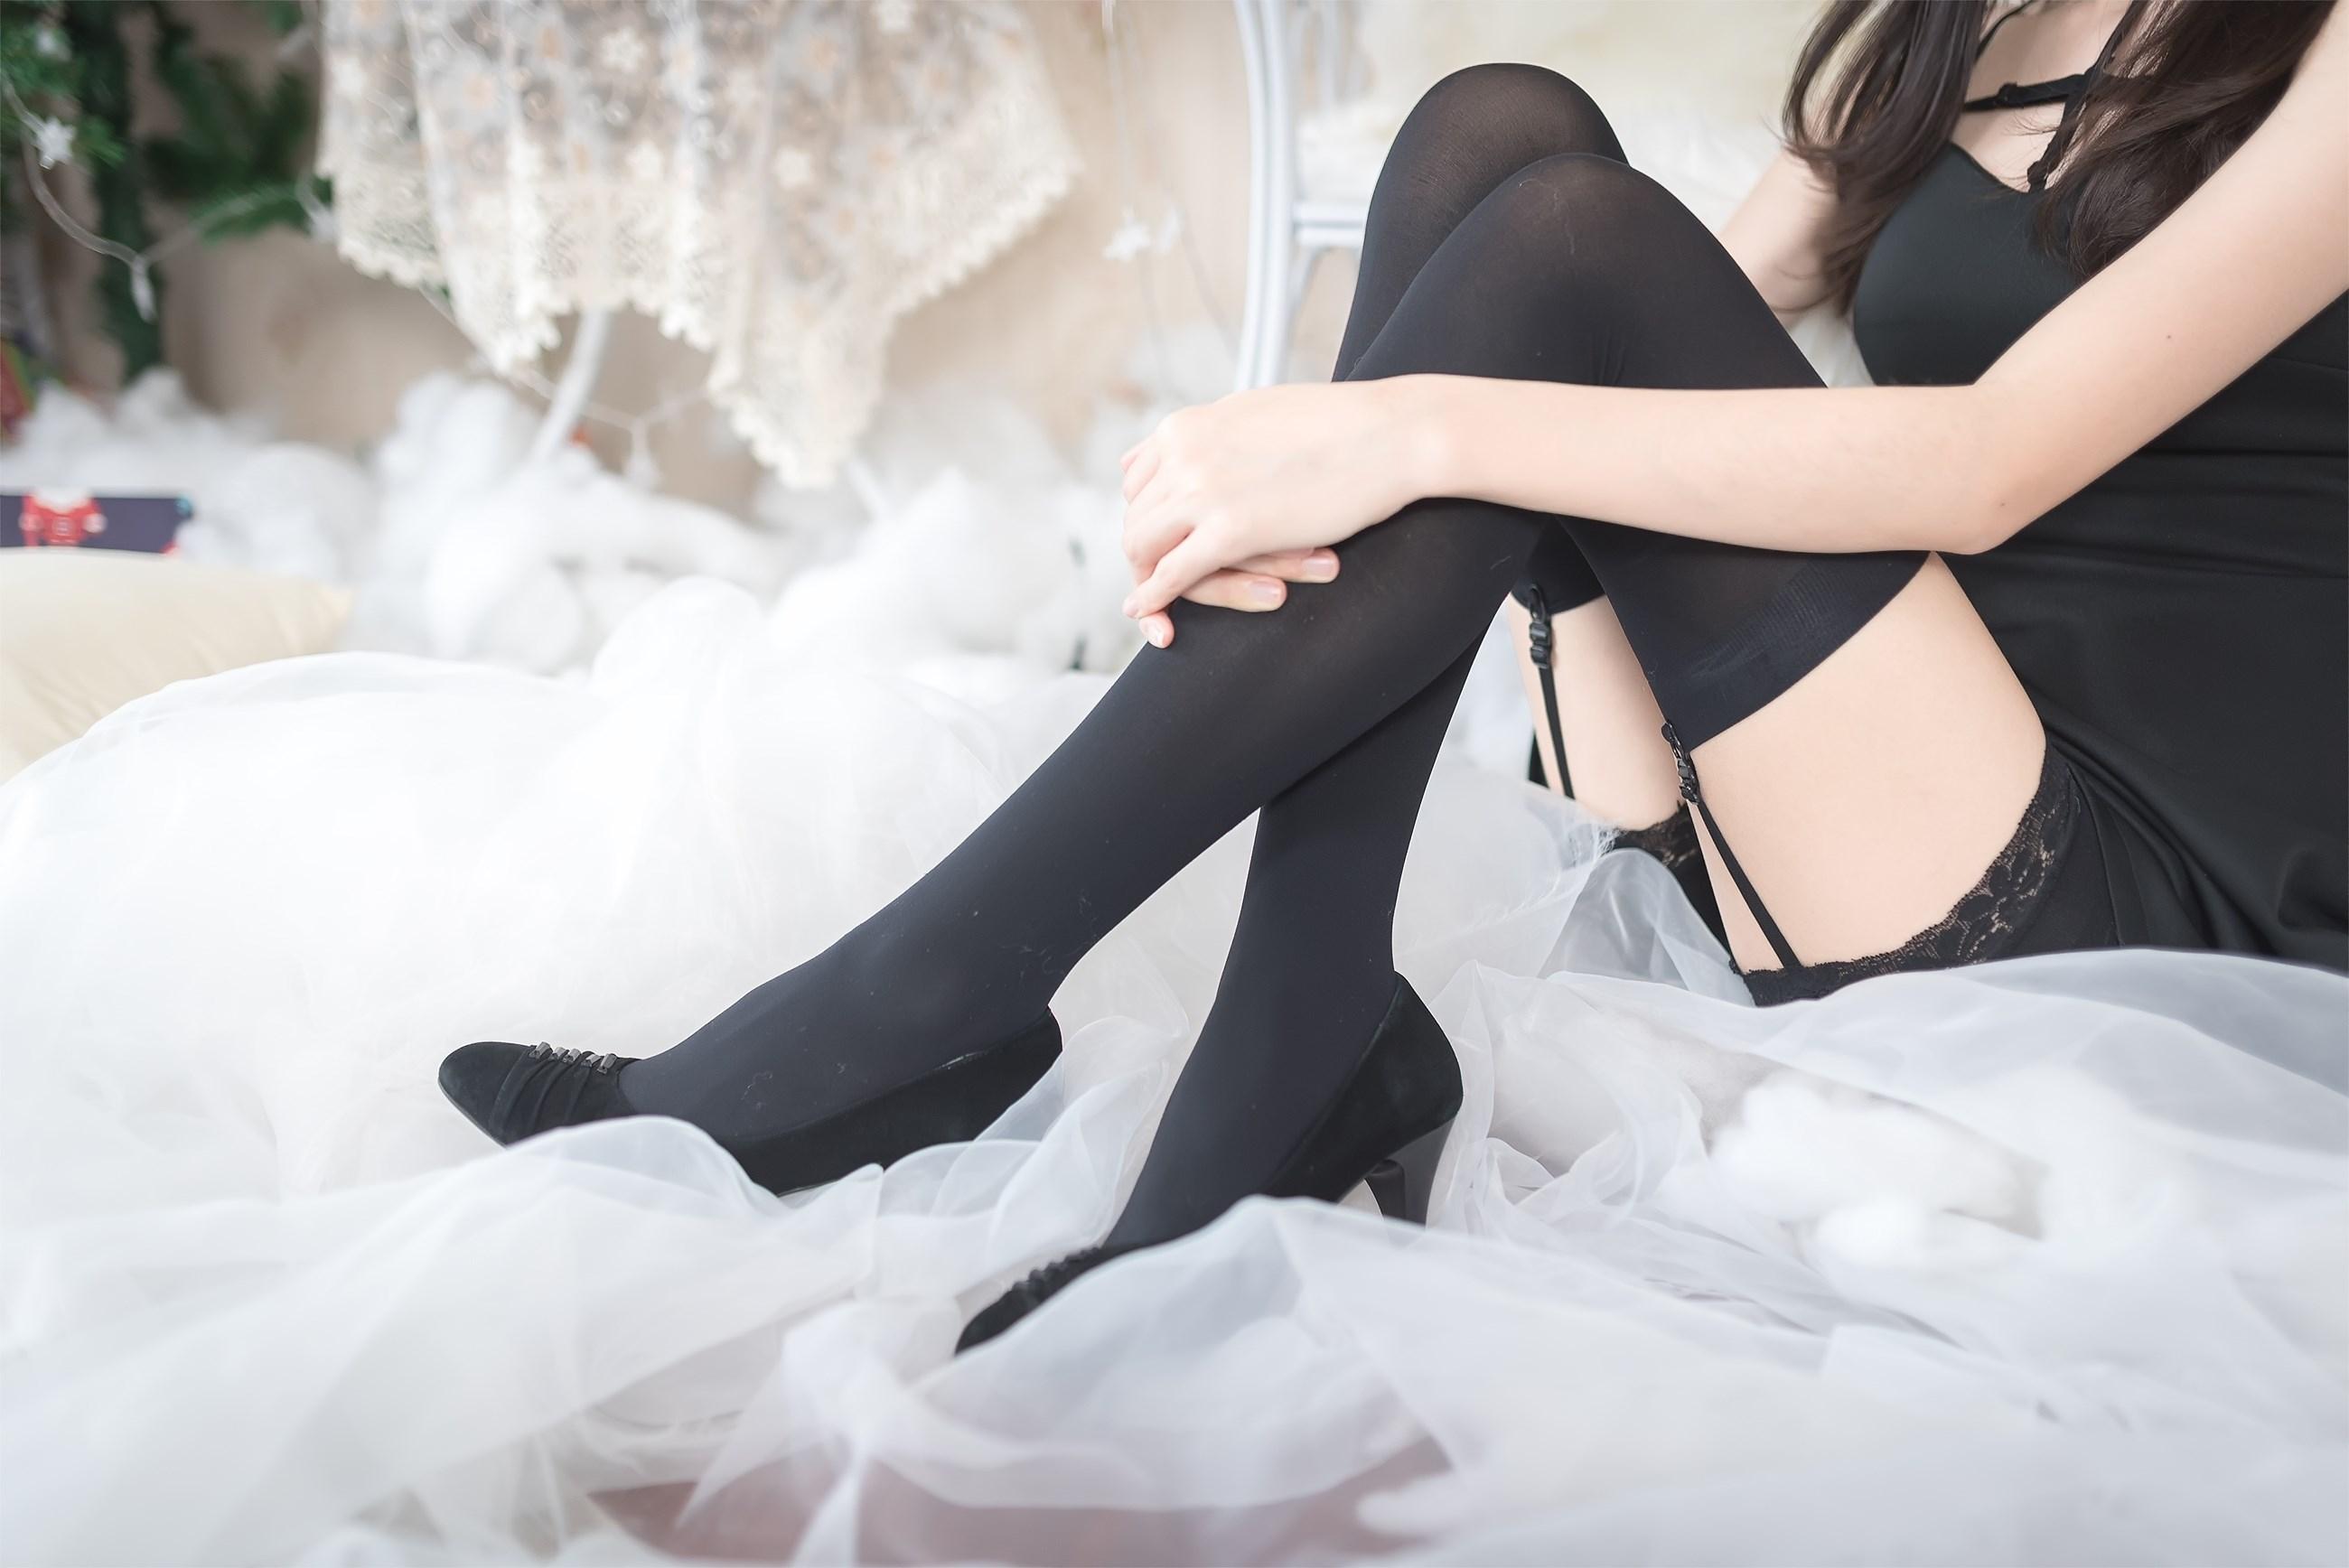 【兔玩映画】吊带 · 丝袜 · 天使 兔玩映画 第19张